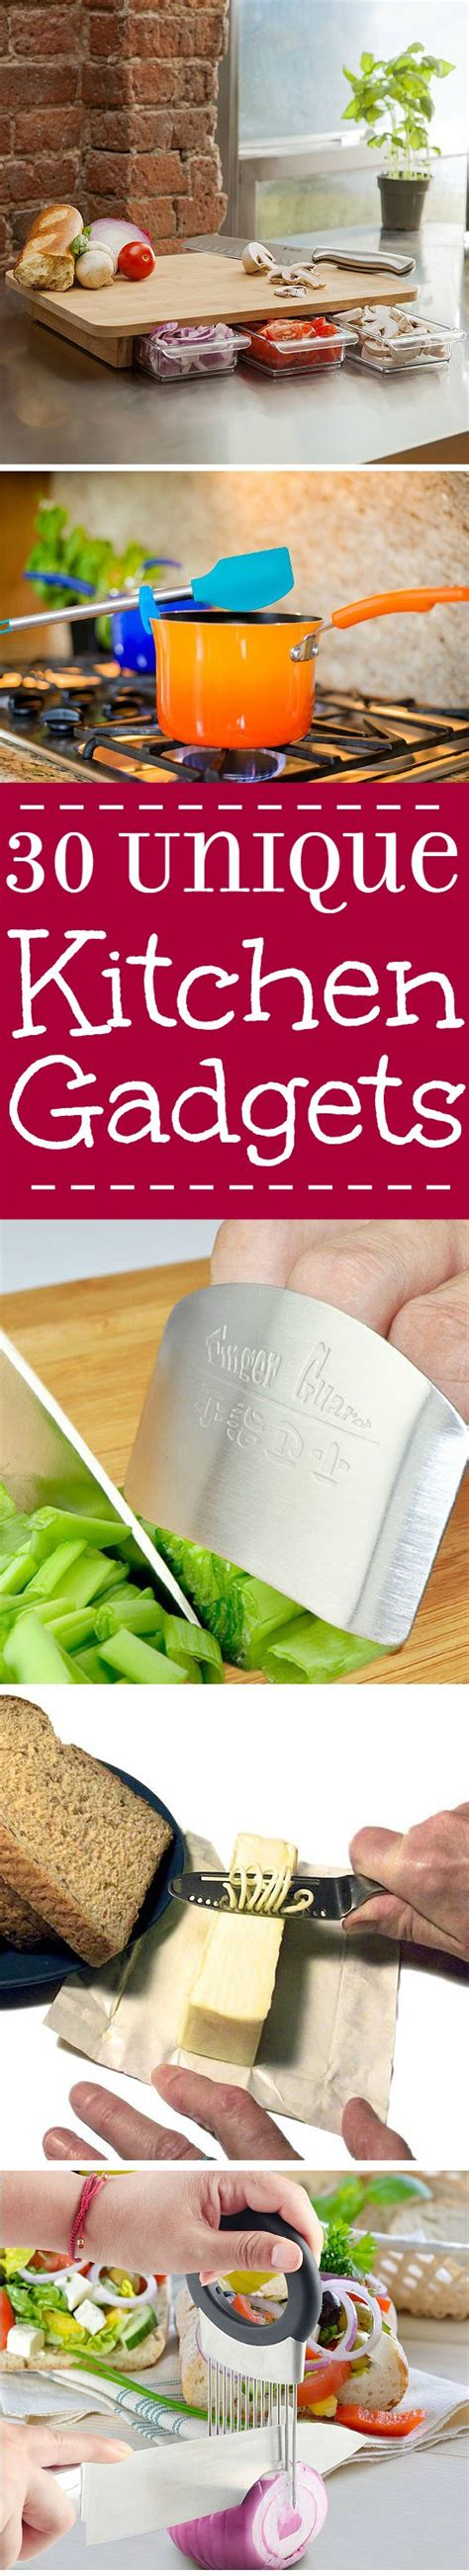 unique gadget unique kitchen gadgets